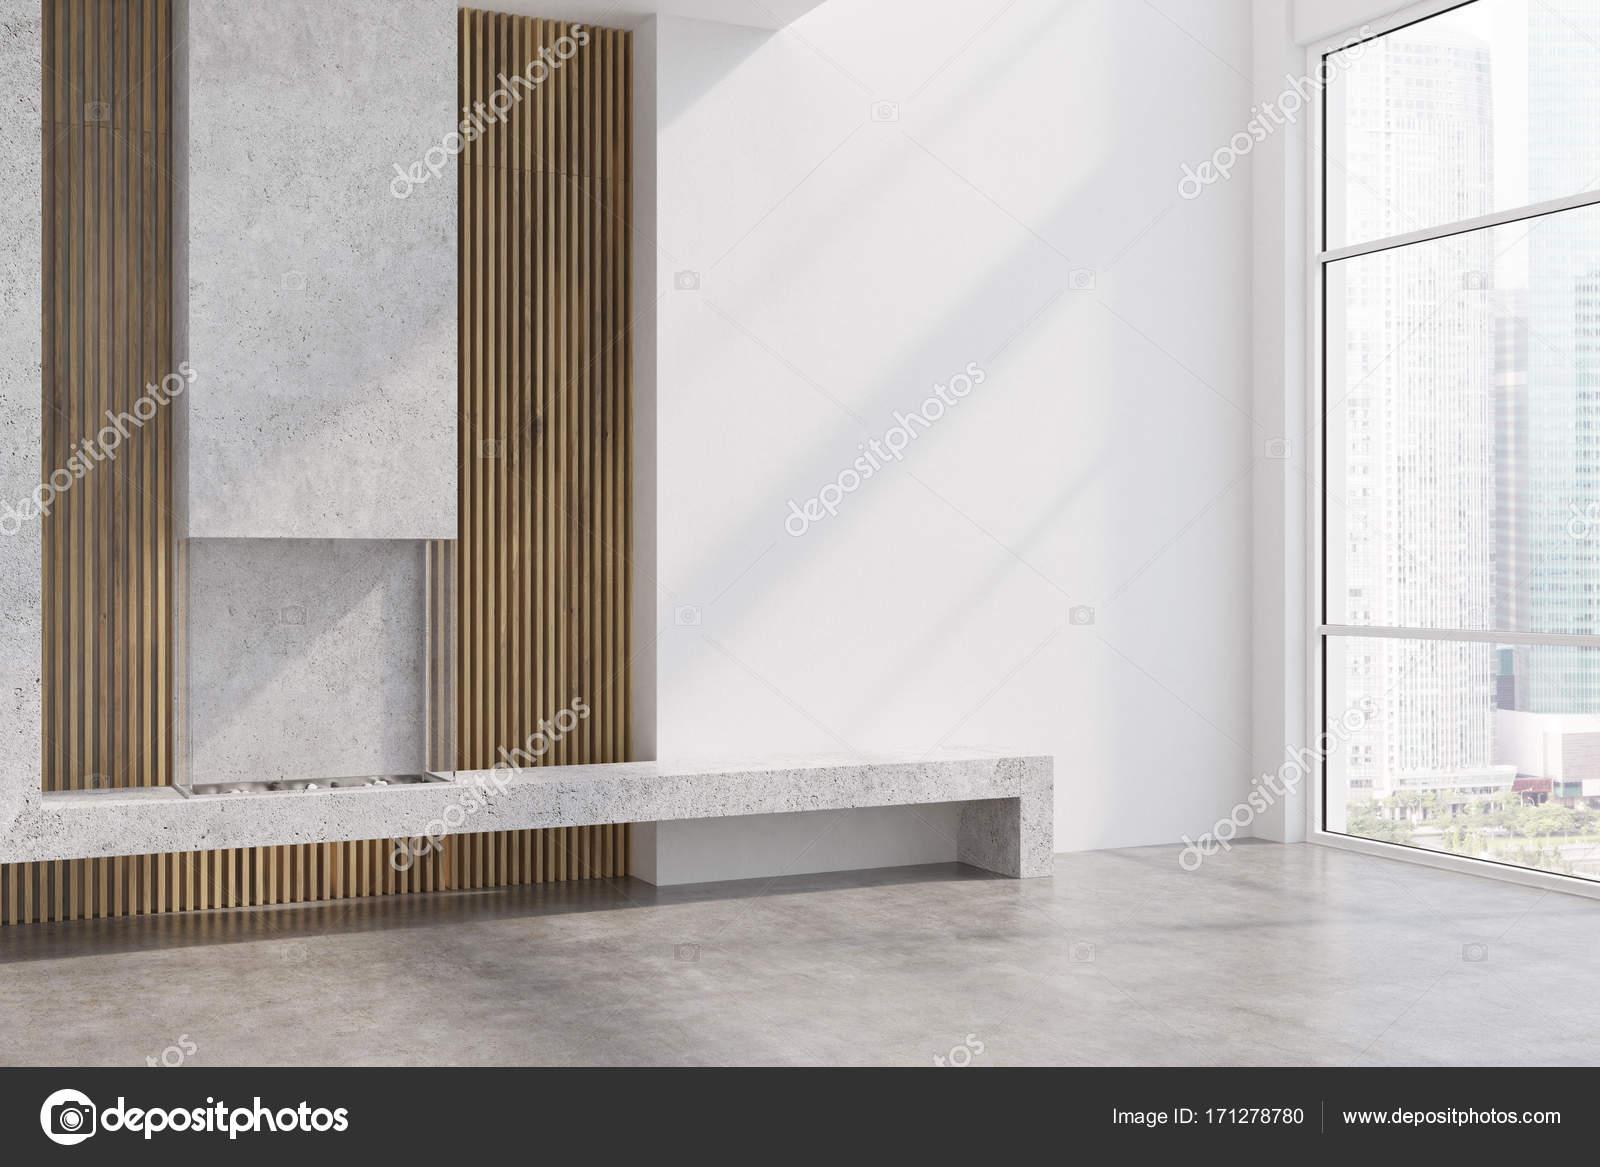 Woonkamer Met Beton : Woonkamer beton en hout open haard kant u2014 stockfoto